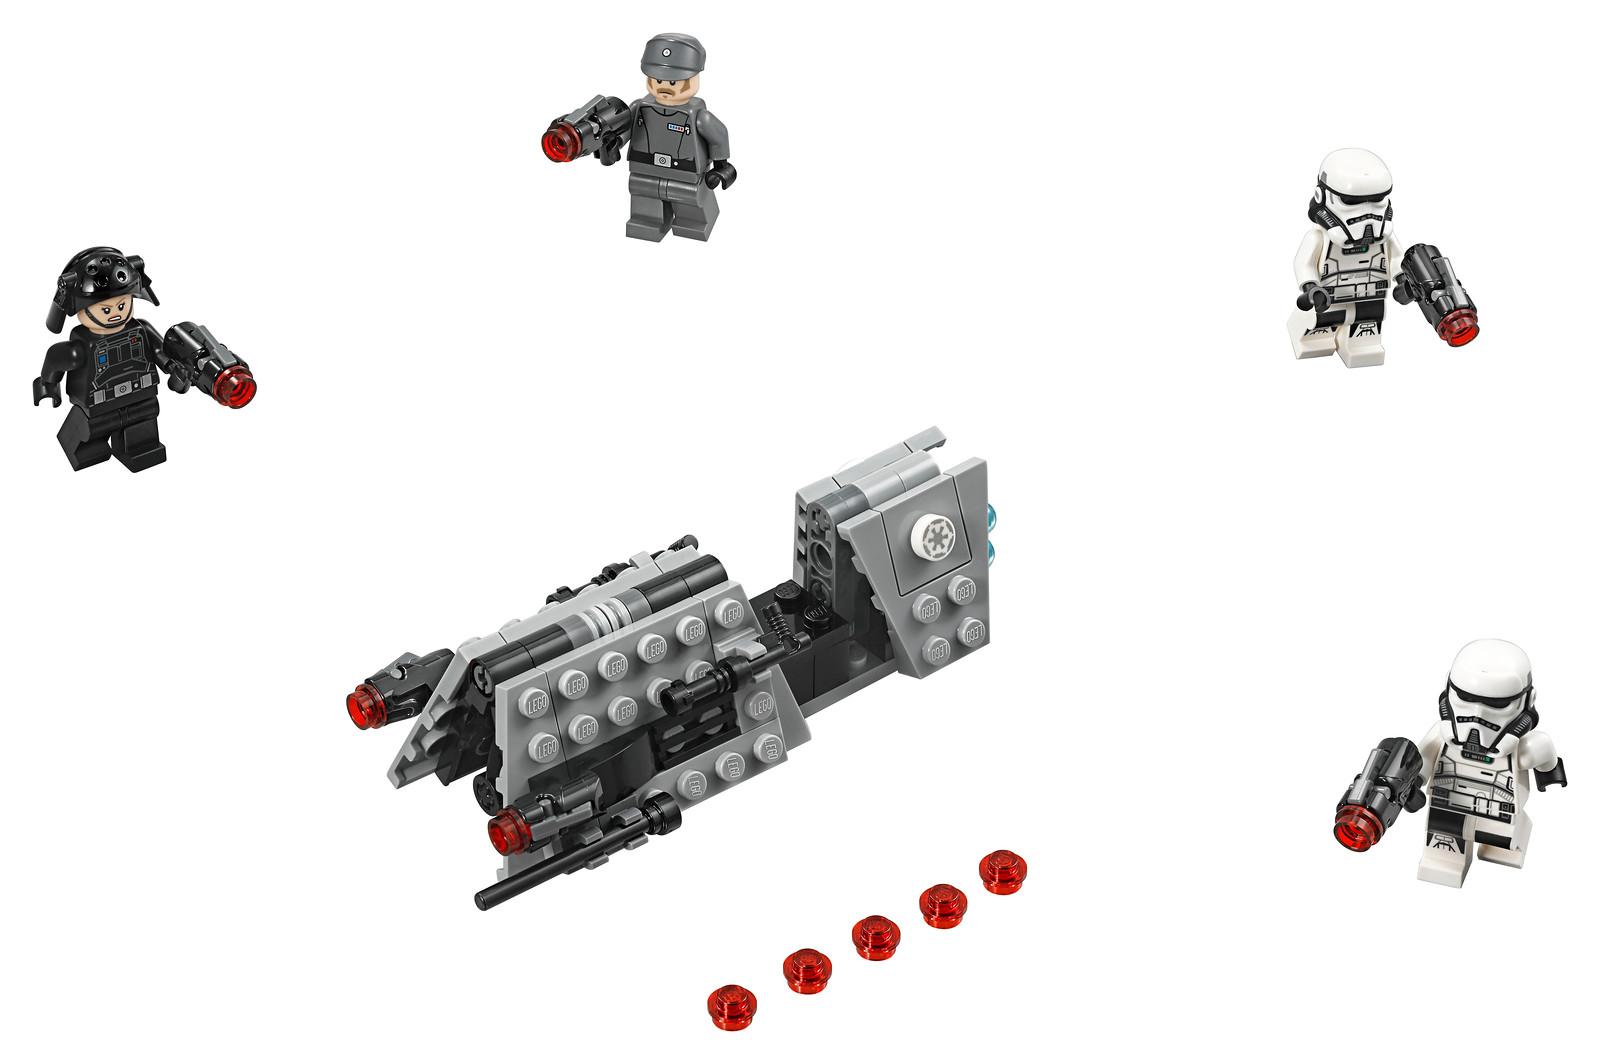 Imperial Patrol Battle Pack ($14.99)